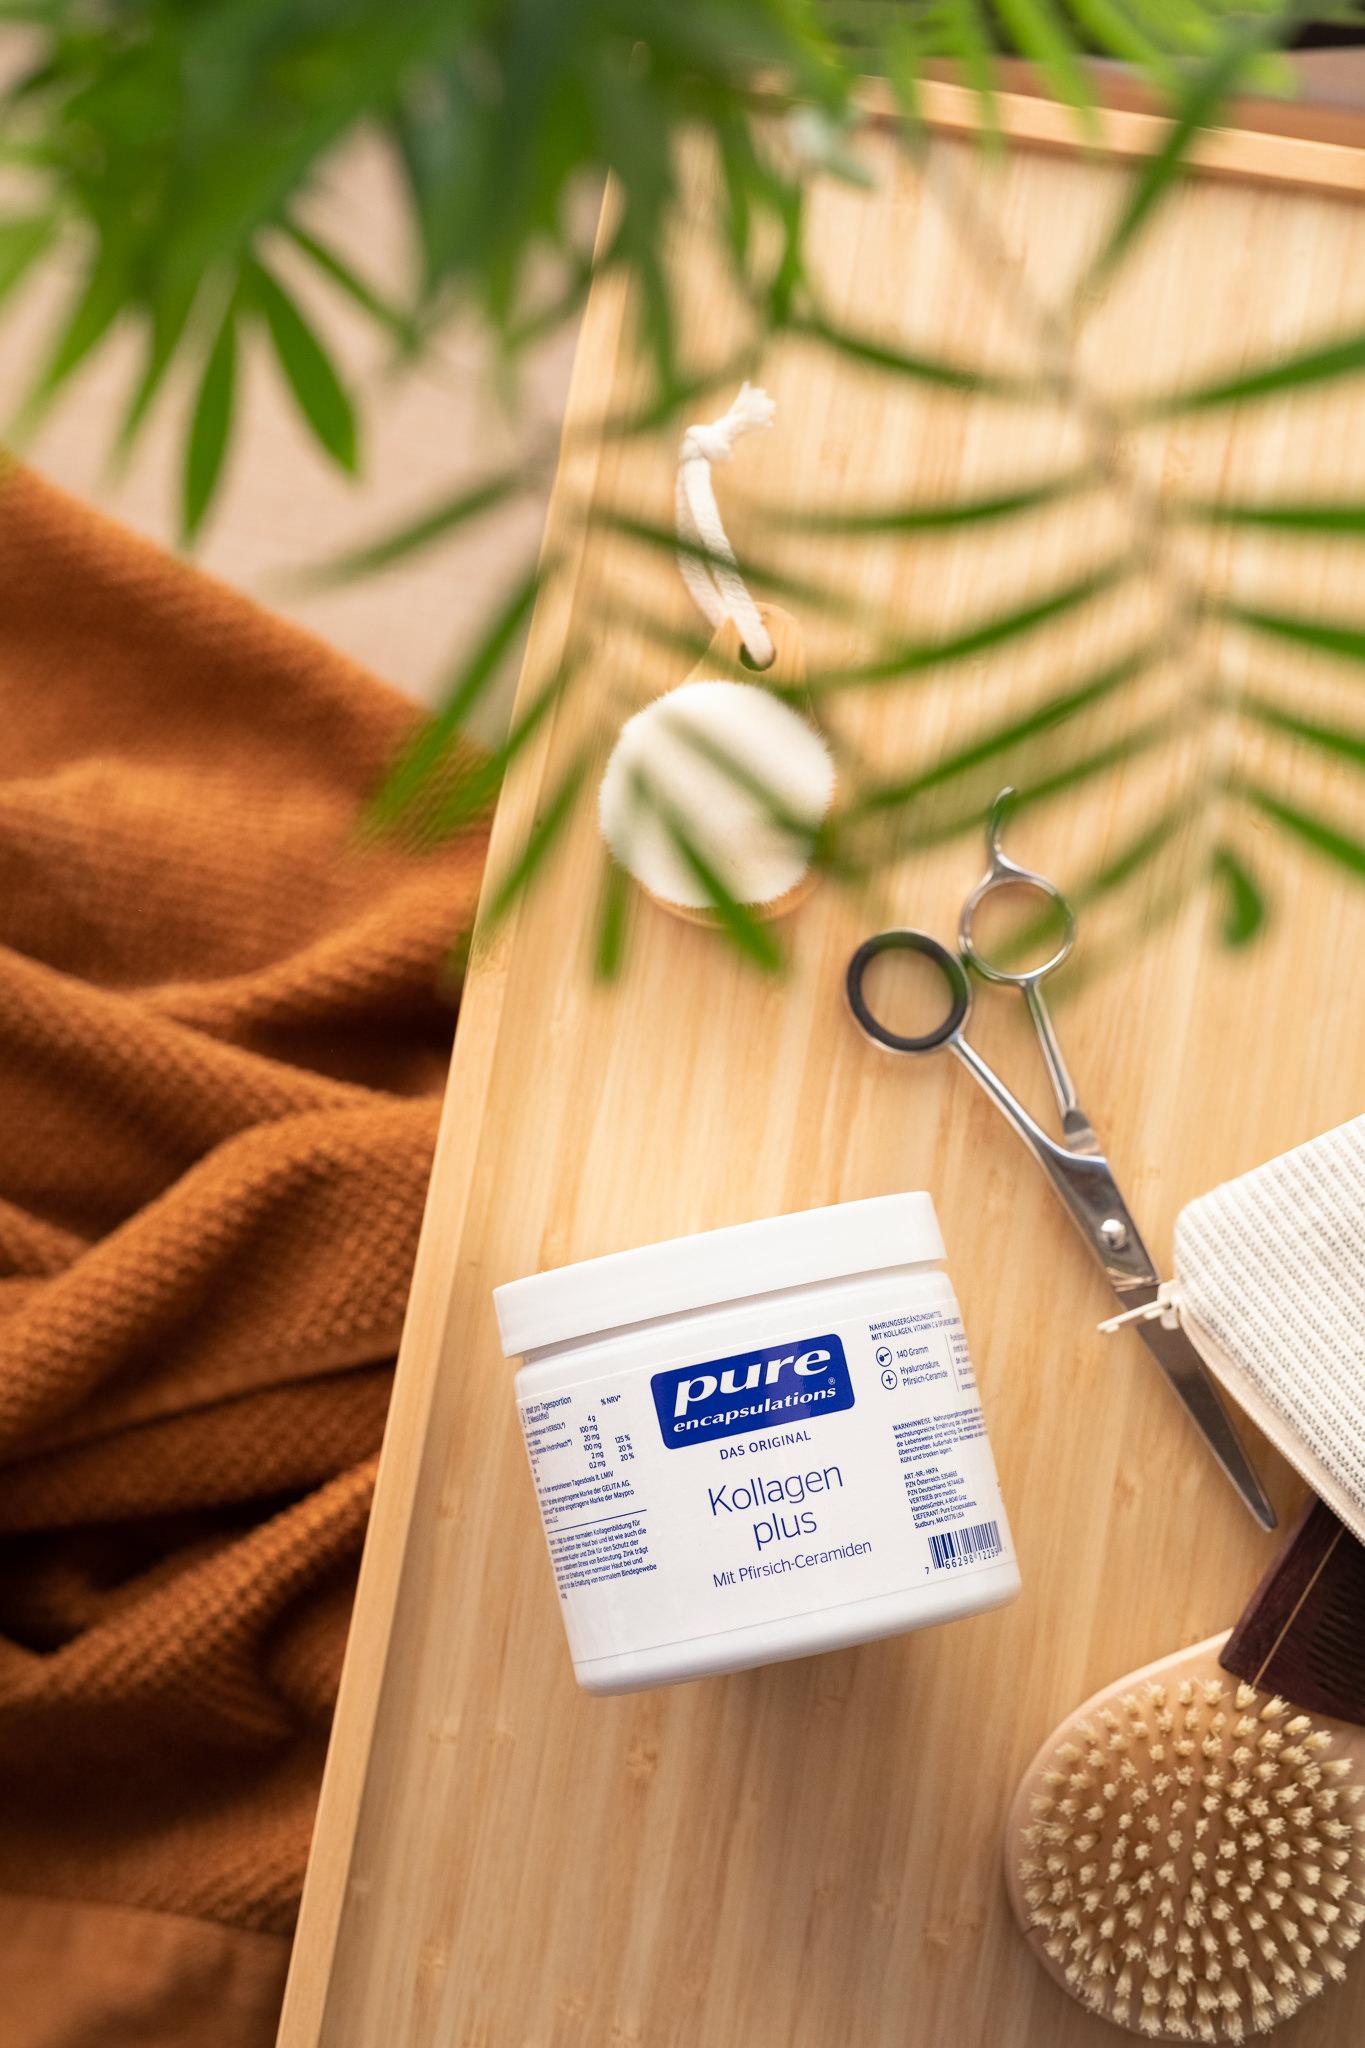 Pure Produkte_Stiefkind Fotografie_0038